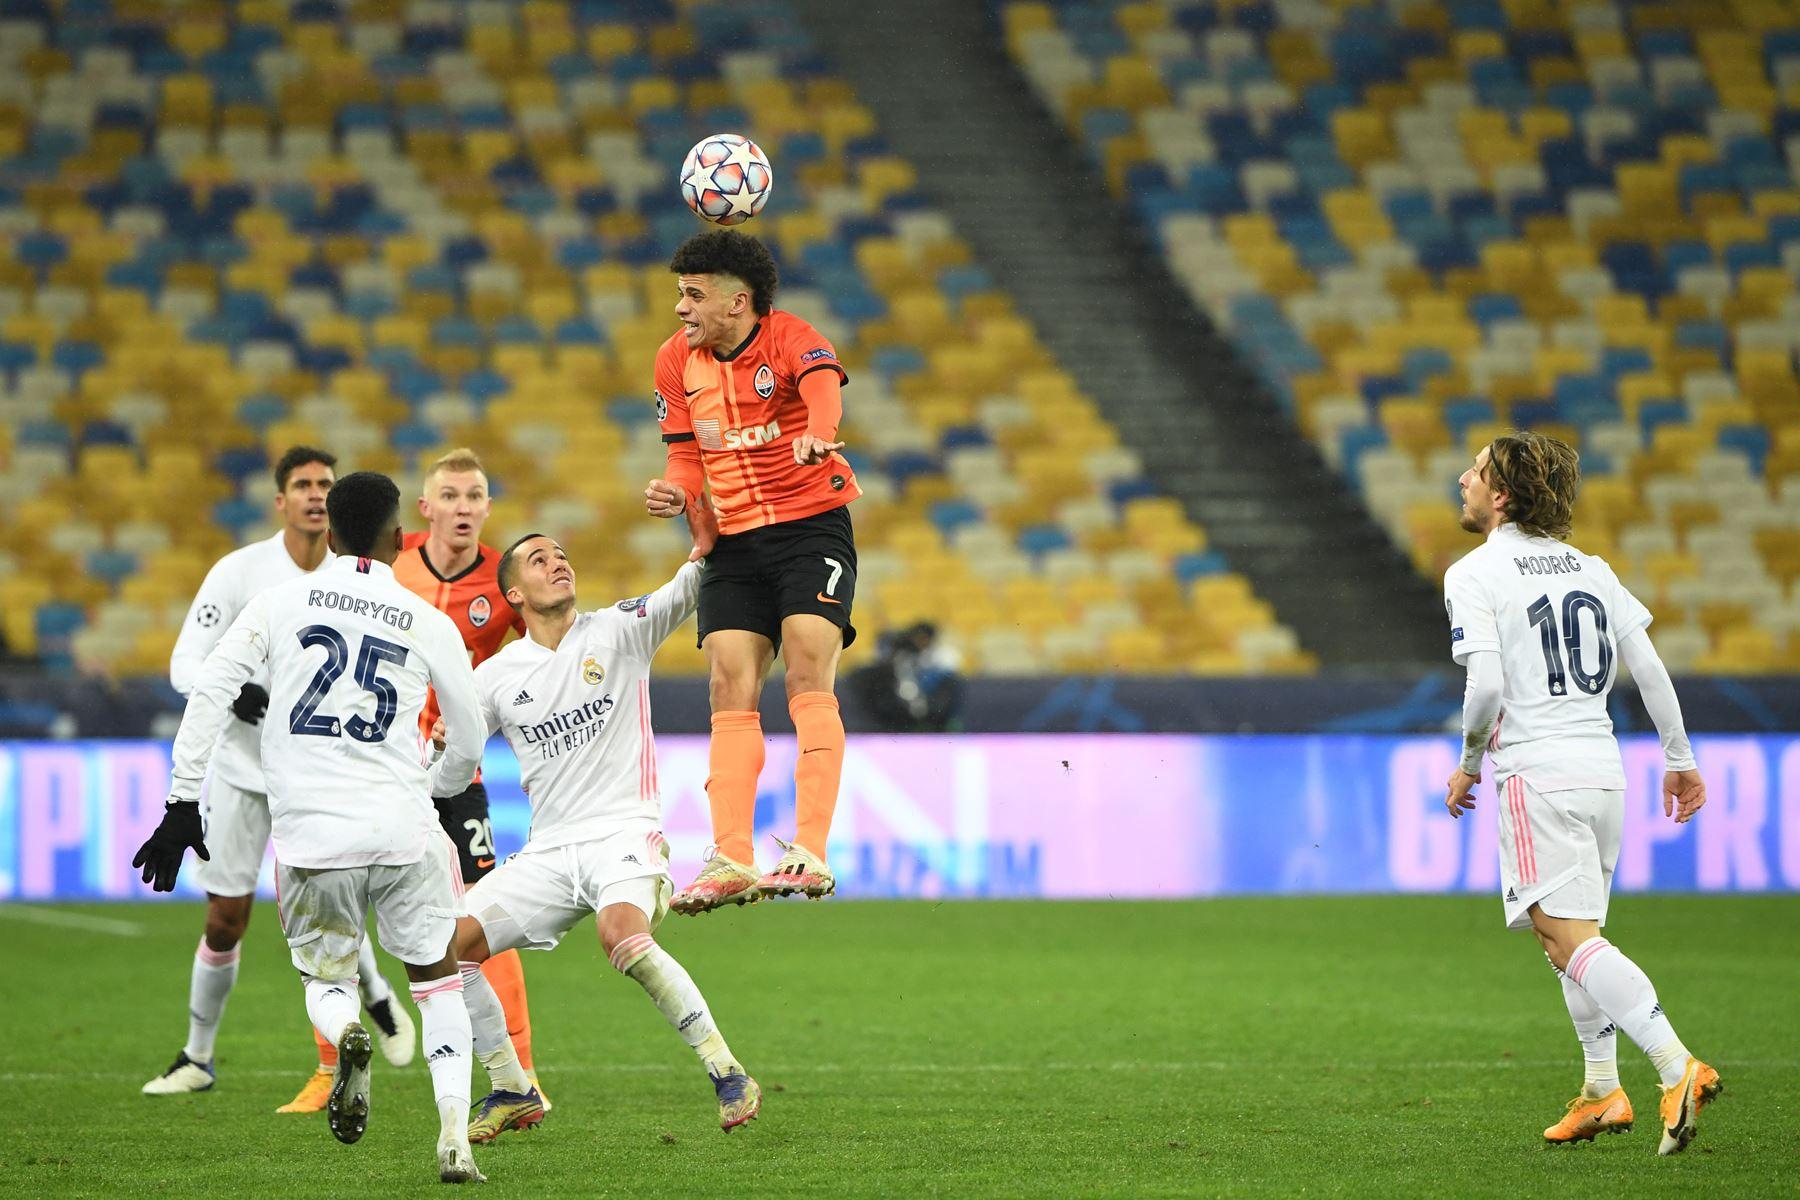 El mediocampista noruego del Real Madrid, Martin Odegaard, cabecea el balón durante el partido de fútbol del Grupo B de la Liga de Campeones de la UEFA. Foto: AFP